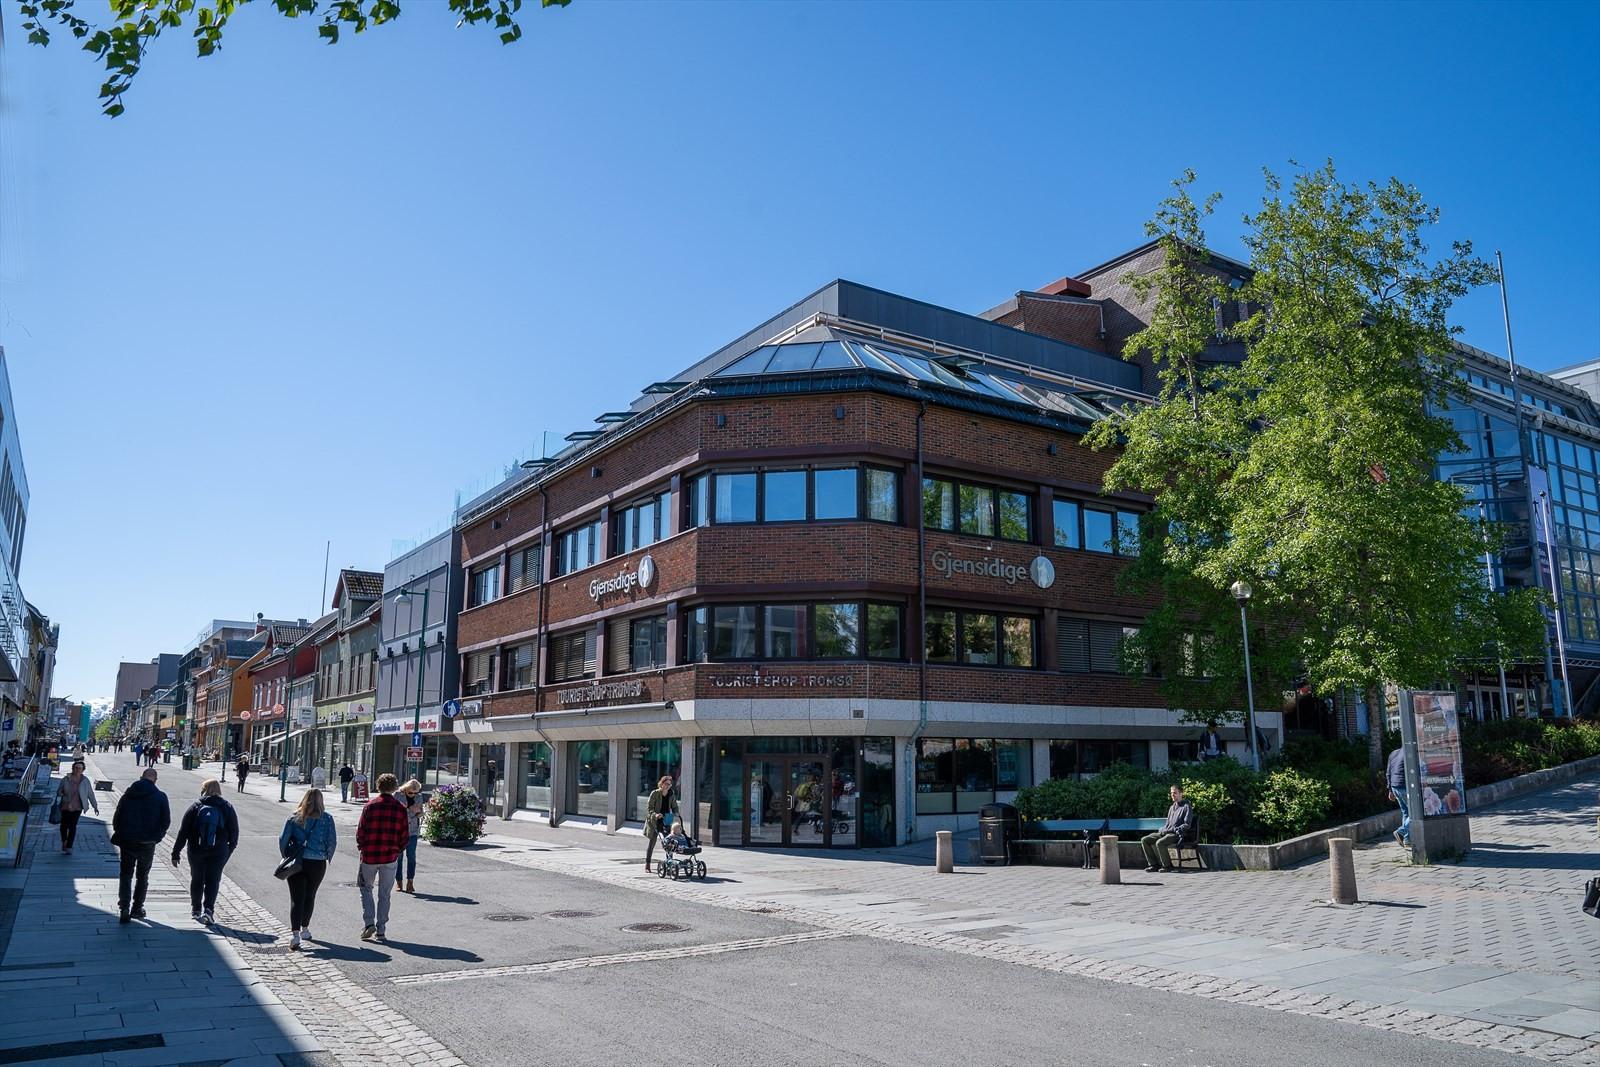 Boligen ligger i de 2 øverste etasjene i dette kjente bygget midt i byen